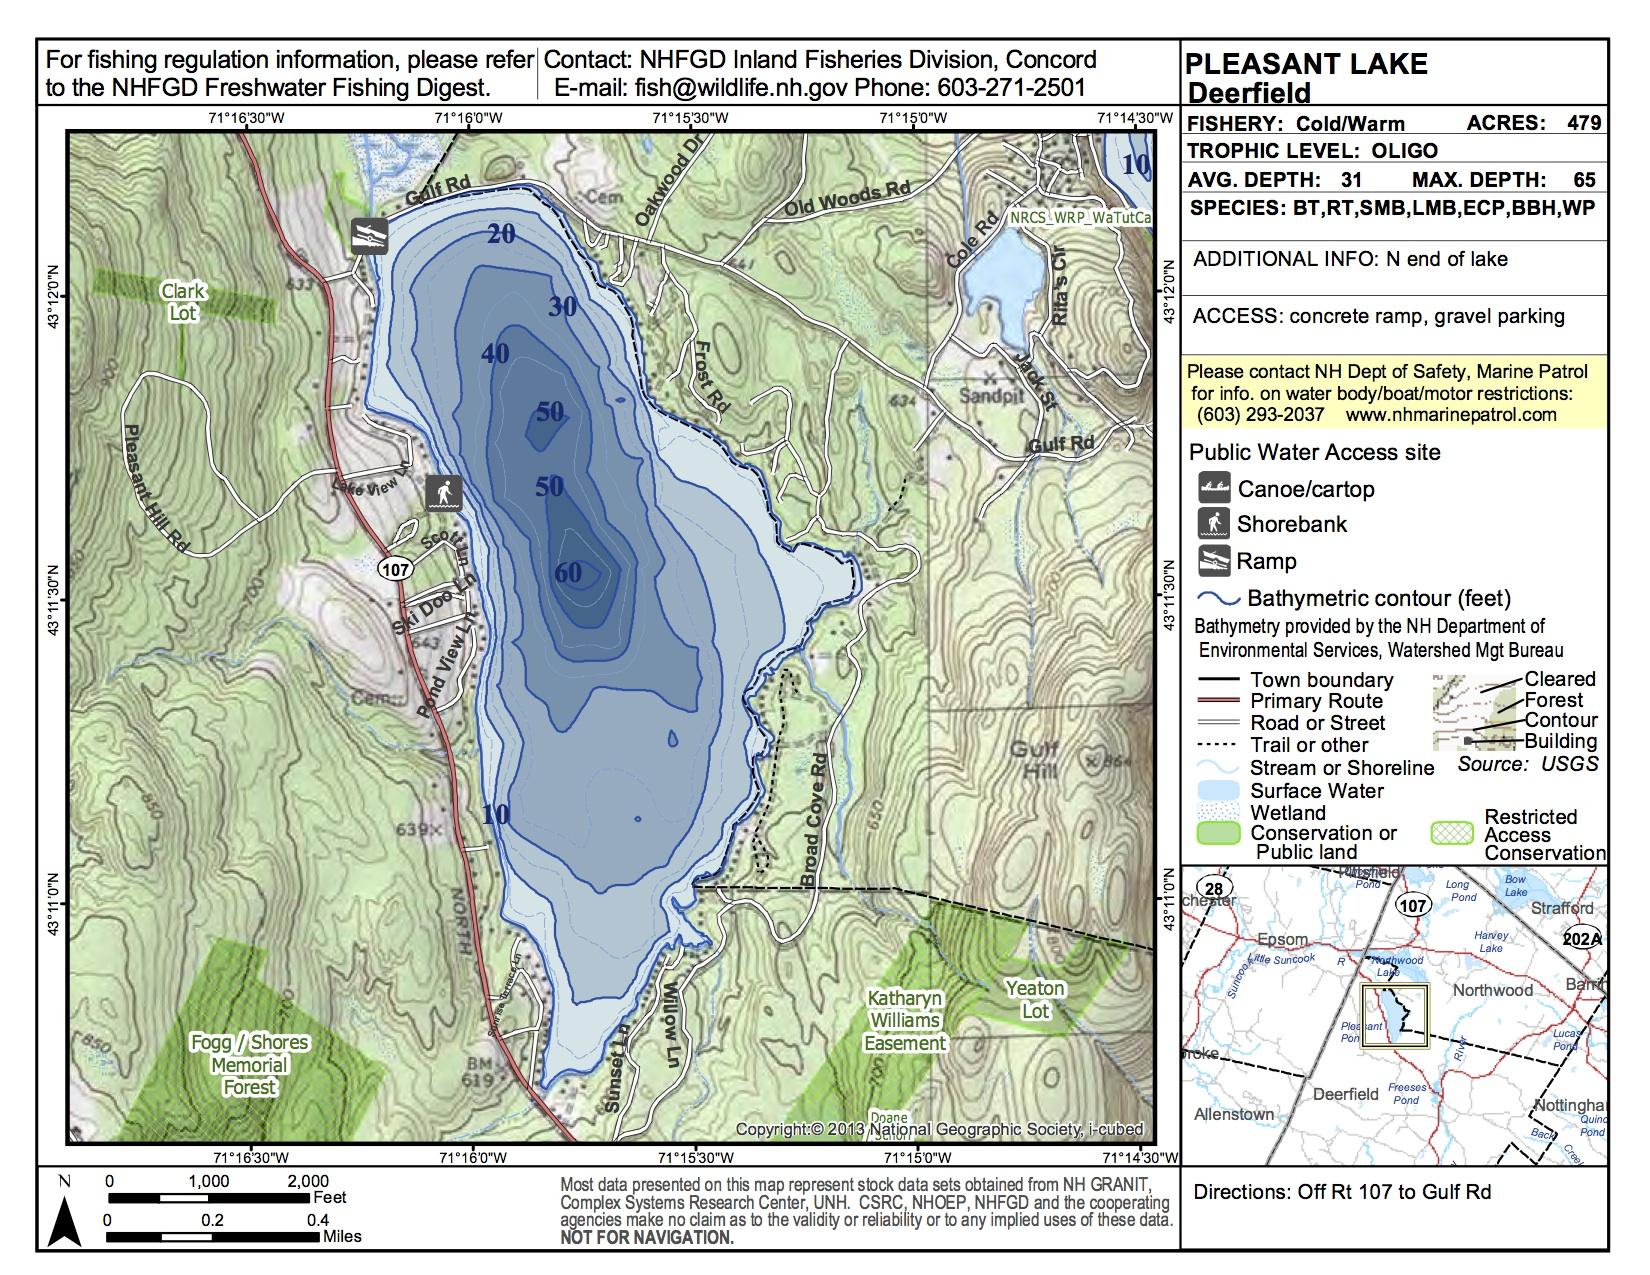 nh lakes region news  area lakefront information blog - pleasant lake deerfield nh pleasantdeerfield